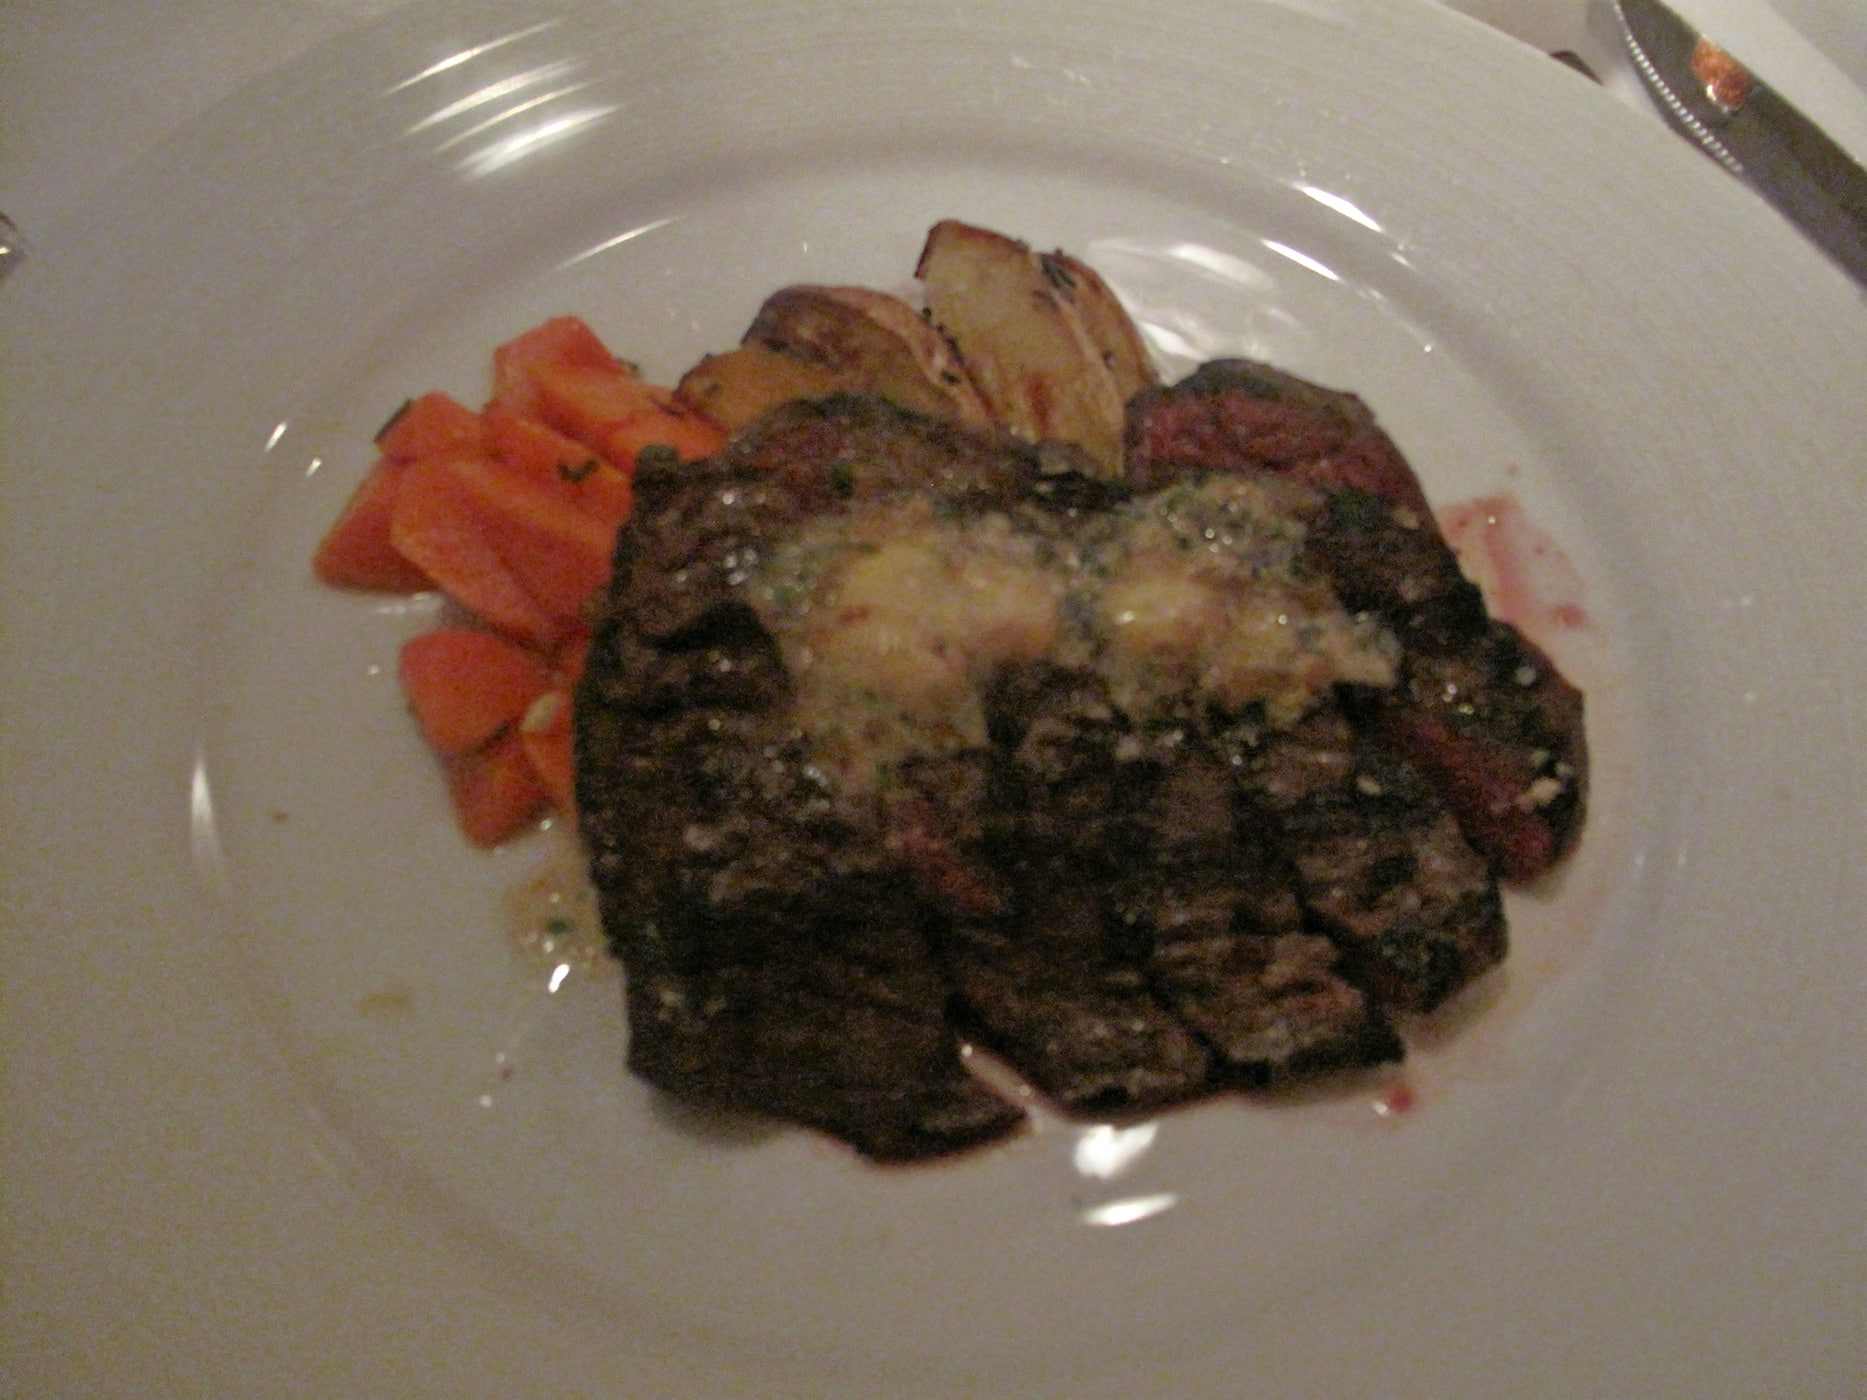 Restaurant week at Trattoria No 10 - waygu steak